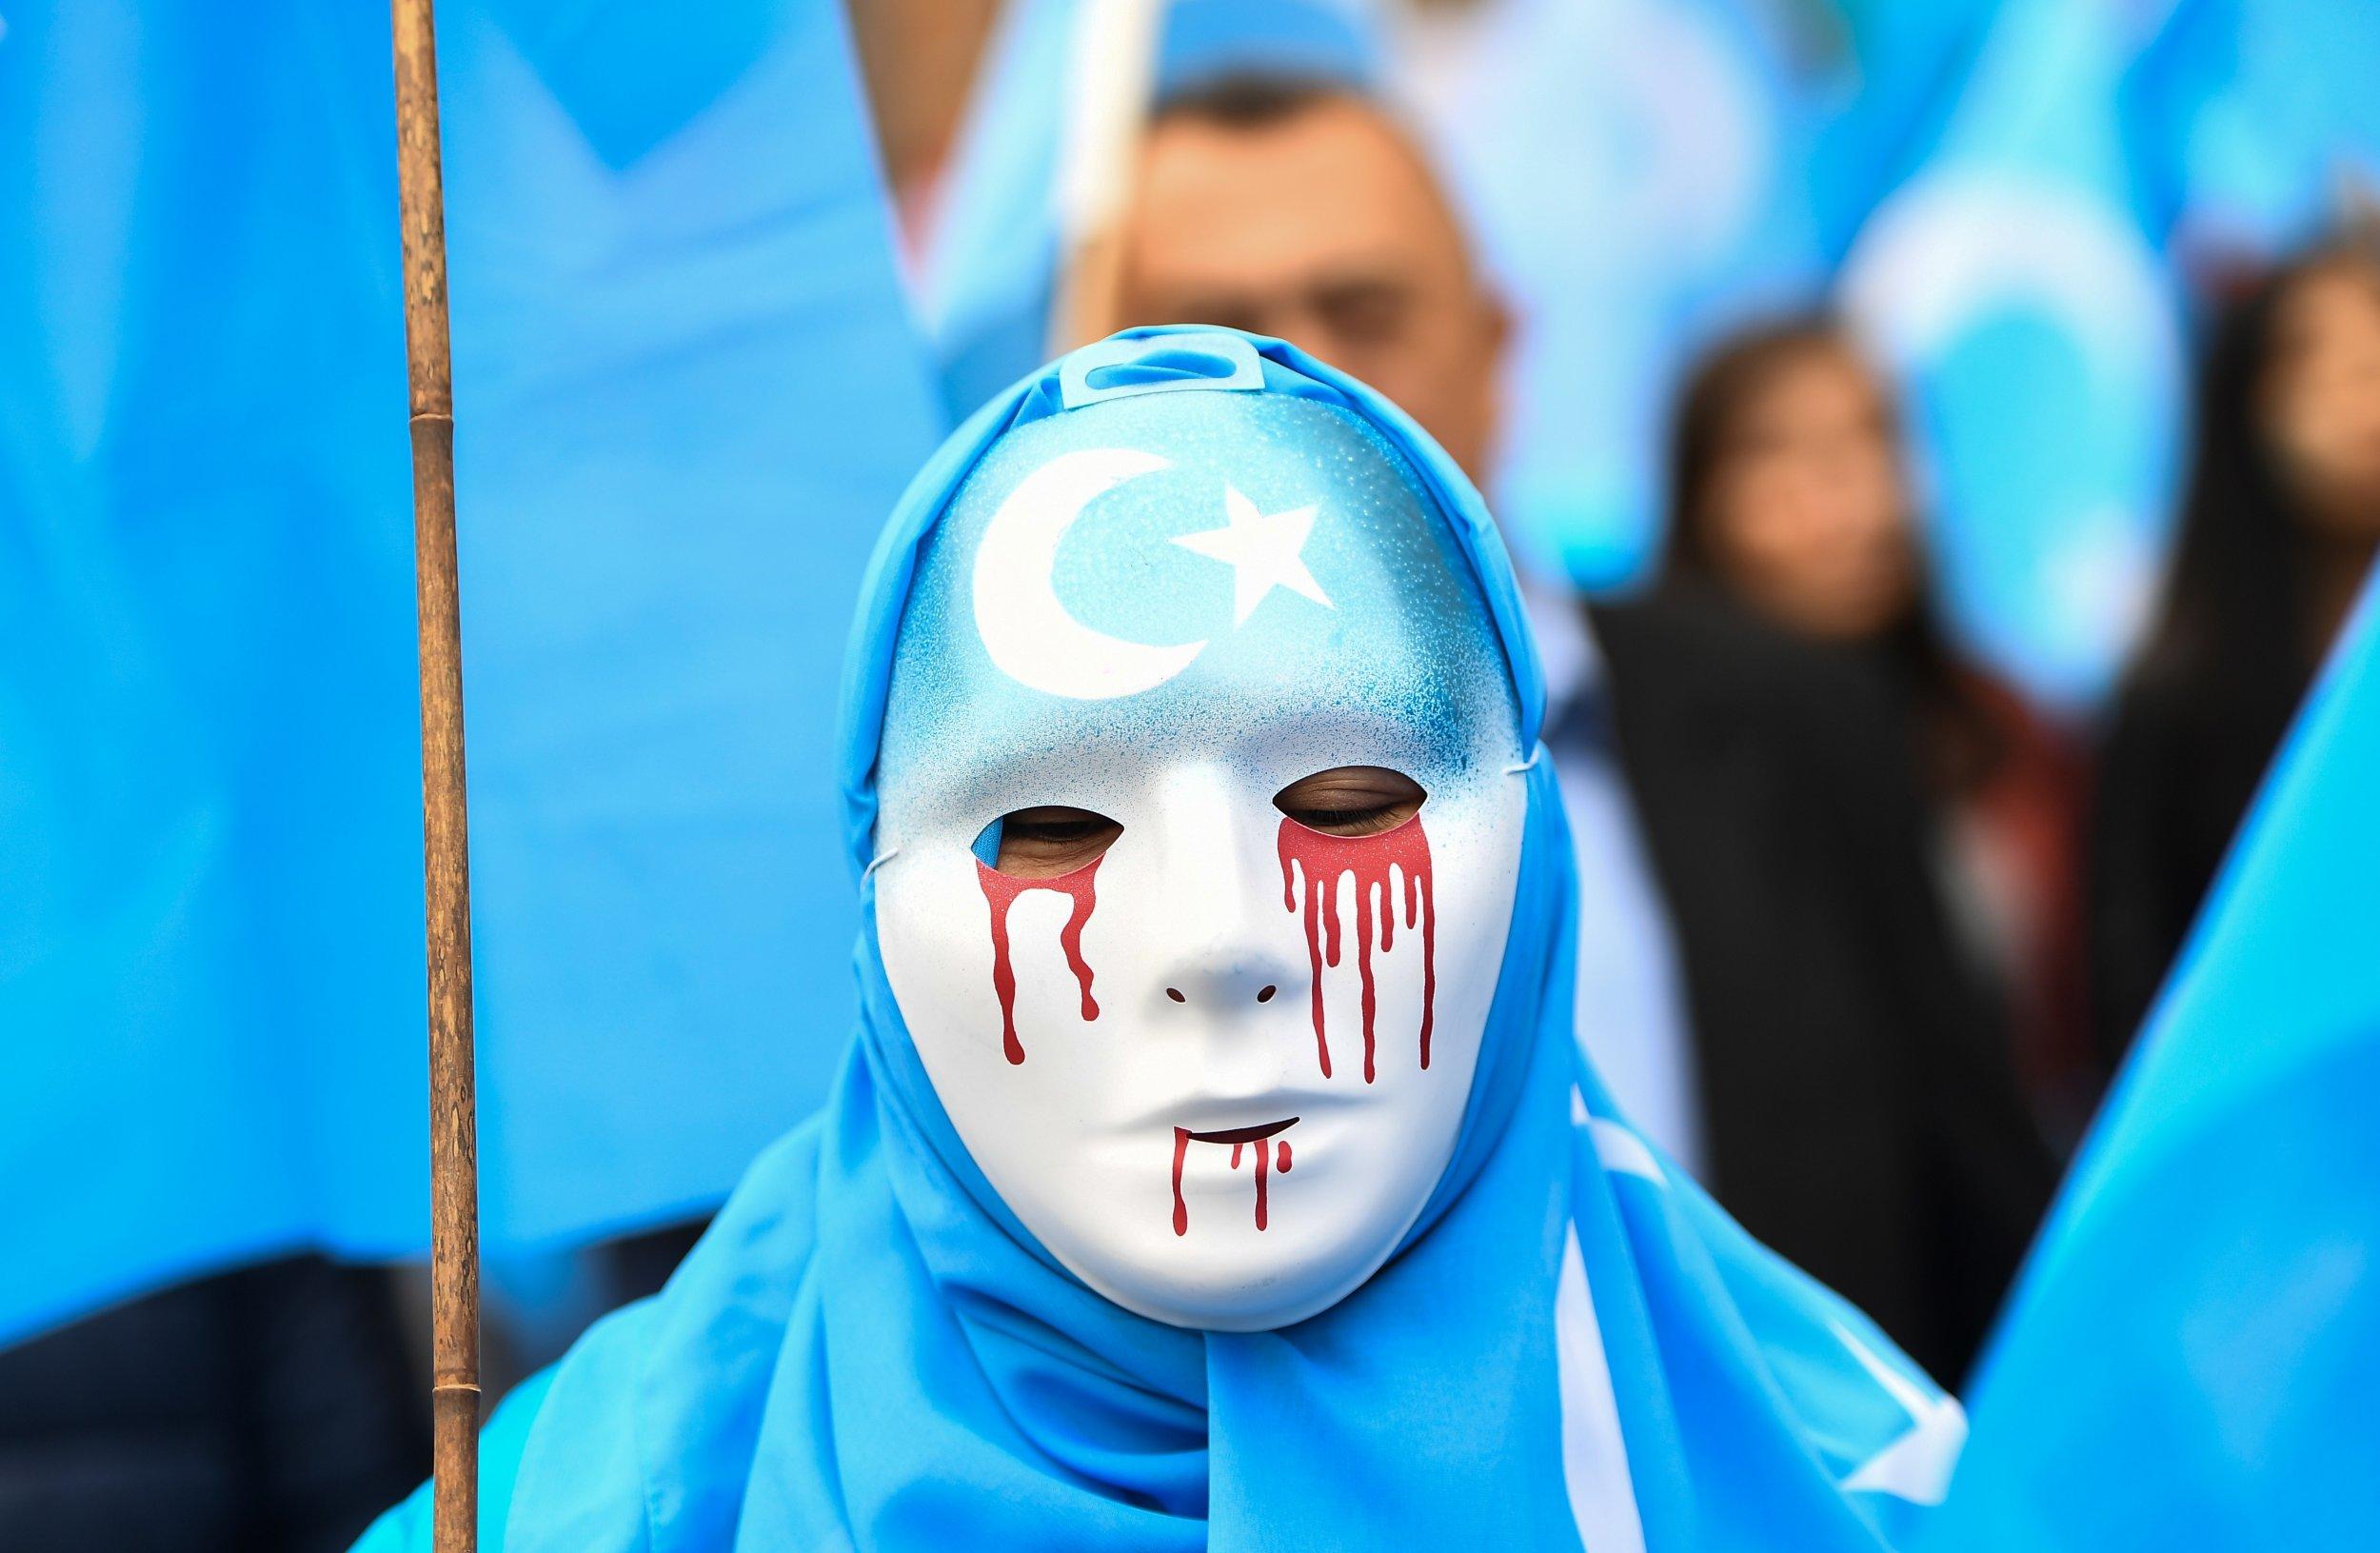 根據東突厥斯坦民族覺醒運動(East Turkistan National Awakening Movement)調查,在新疆境內,中共已經至少興建124座再教育營。攝:Emmanuel Dunand/ Agence France-Presse